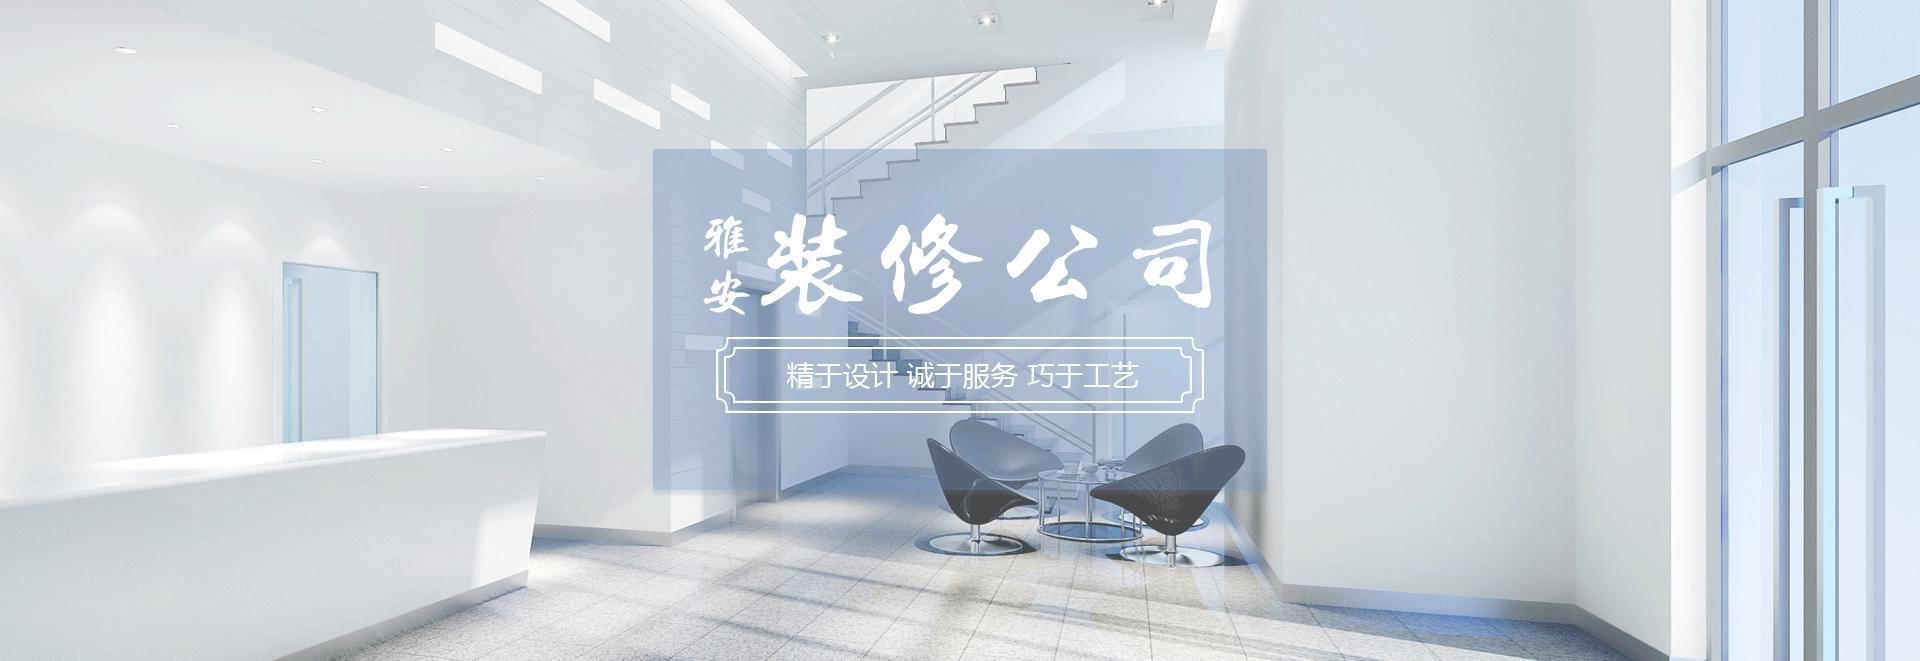 龙8国际唯一官网装饰公司